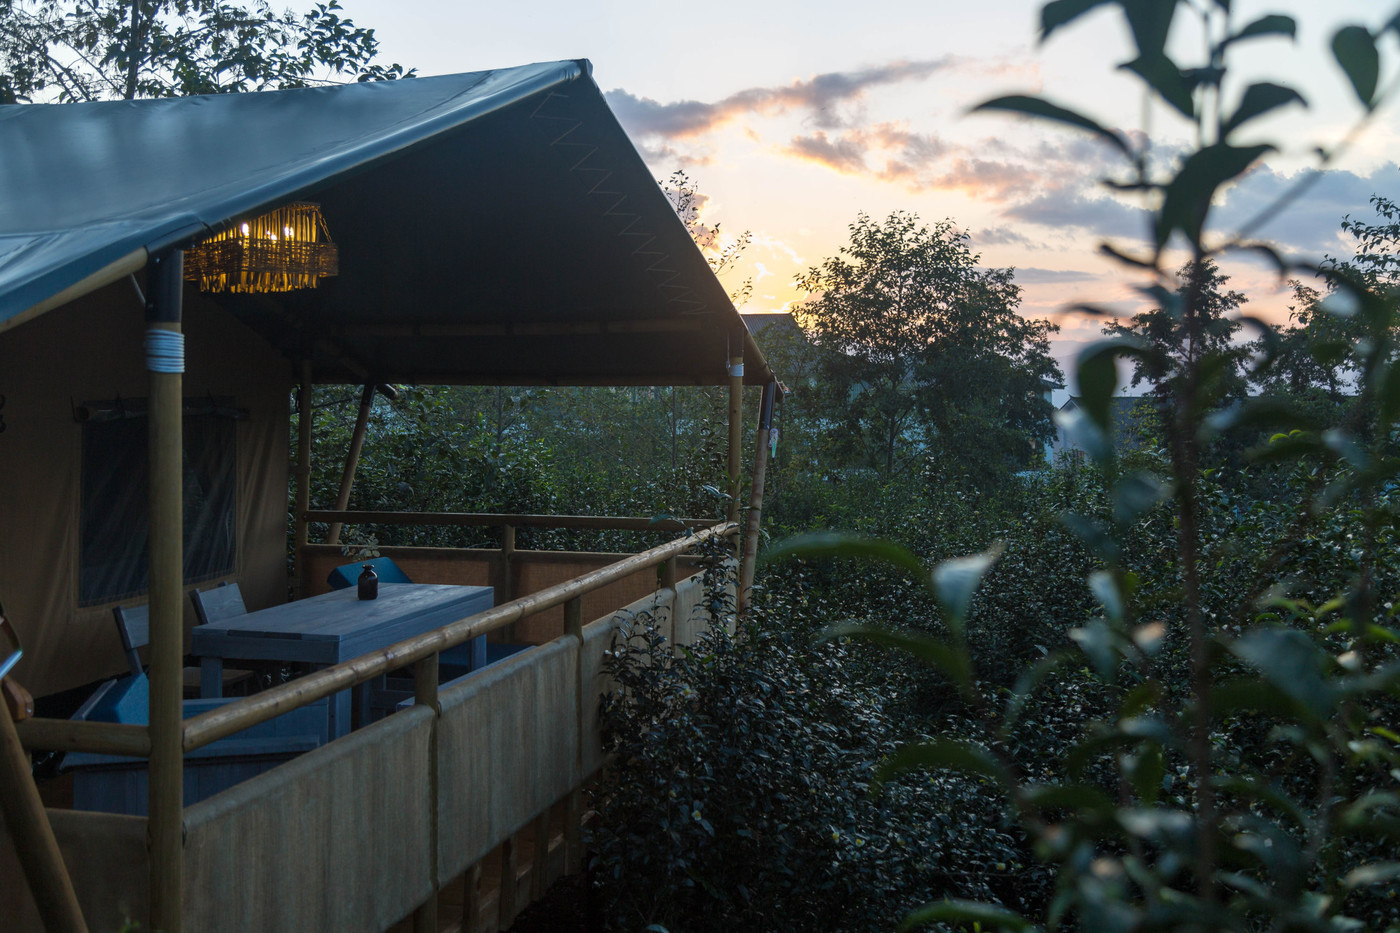 喜马拉雅野奢帐篷酒店—云南腾冲高黎贡山茶博园27